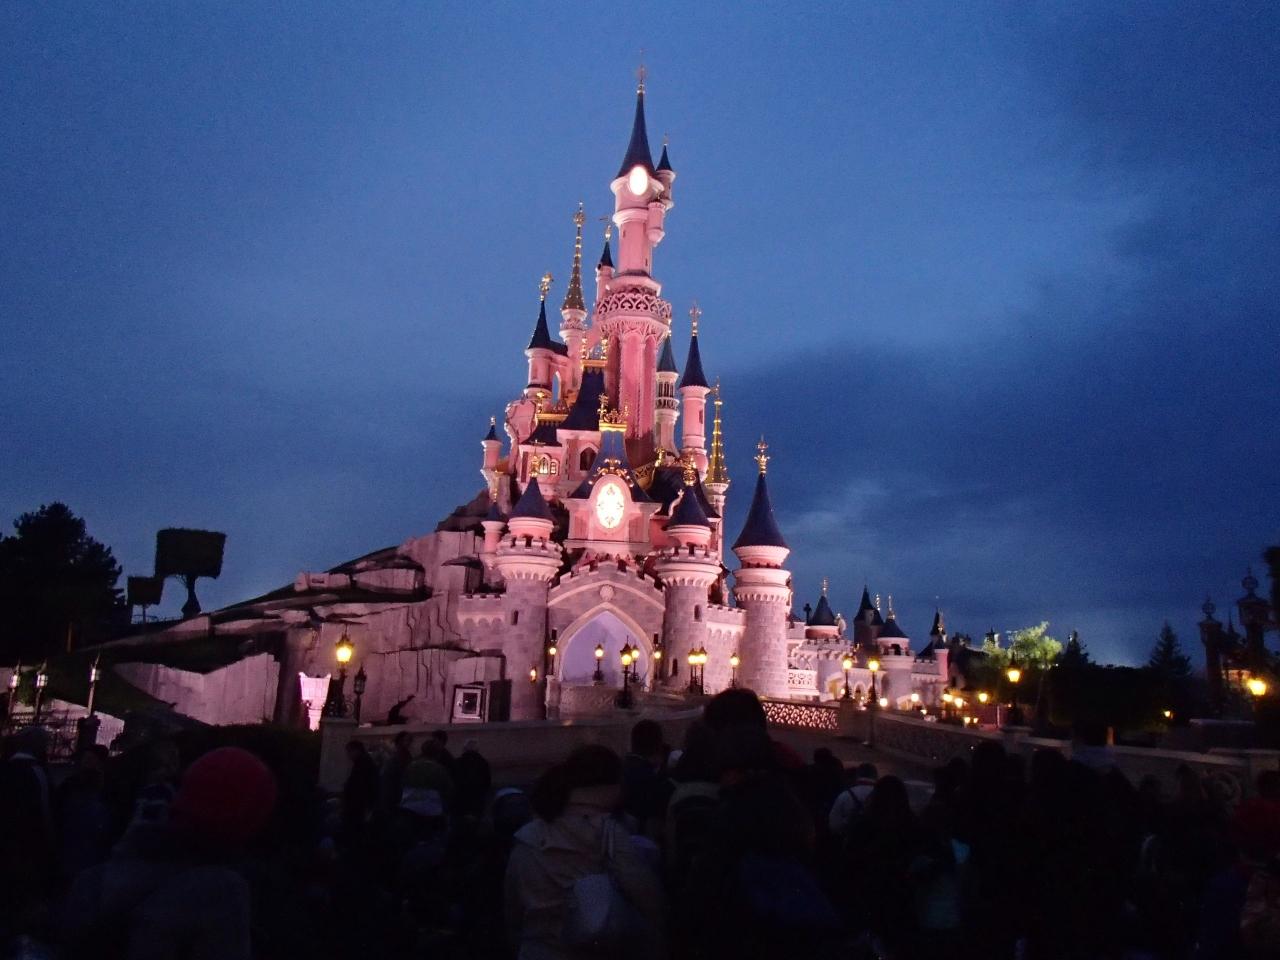 ディズニーランドパリの年パス購入&パリ観光』ディズニーランド